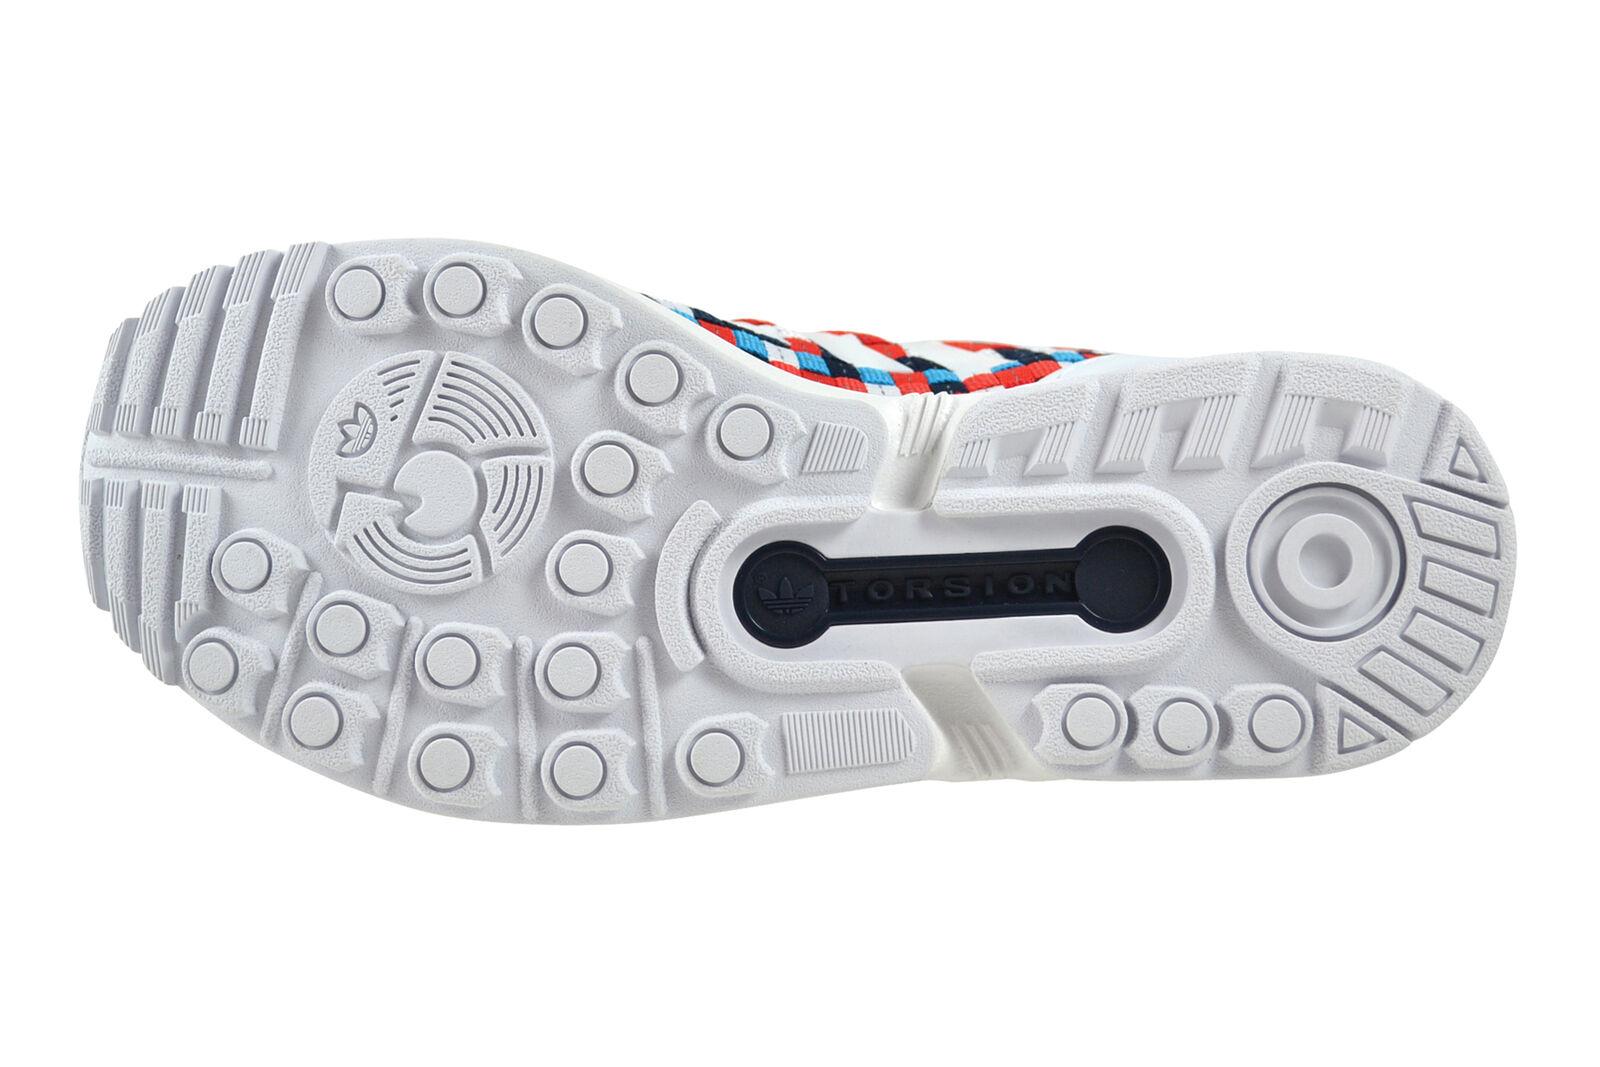 Adidas ZX Flux Weiß Weiß Weiß Blau rot Turnschuhe Schuhe mehrfarbig S82750 2ffff7